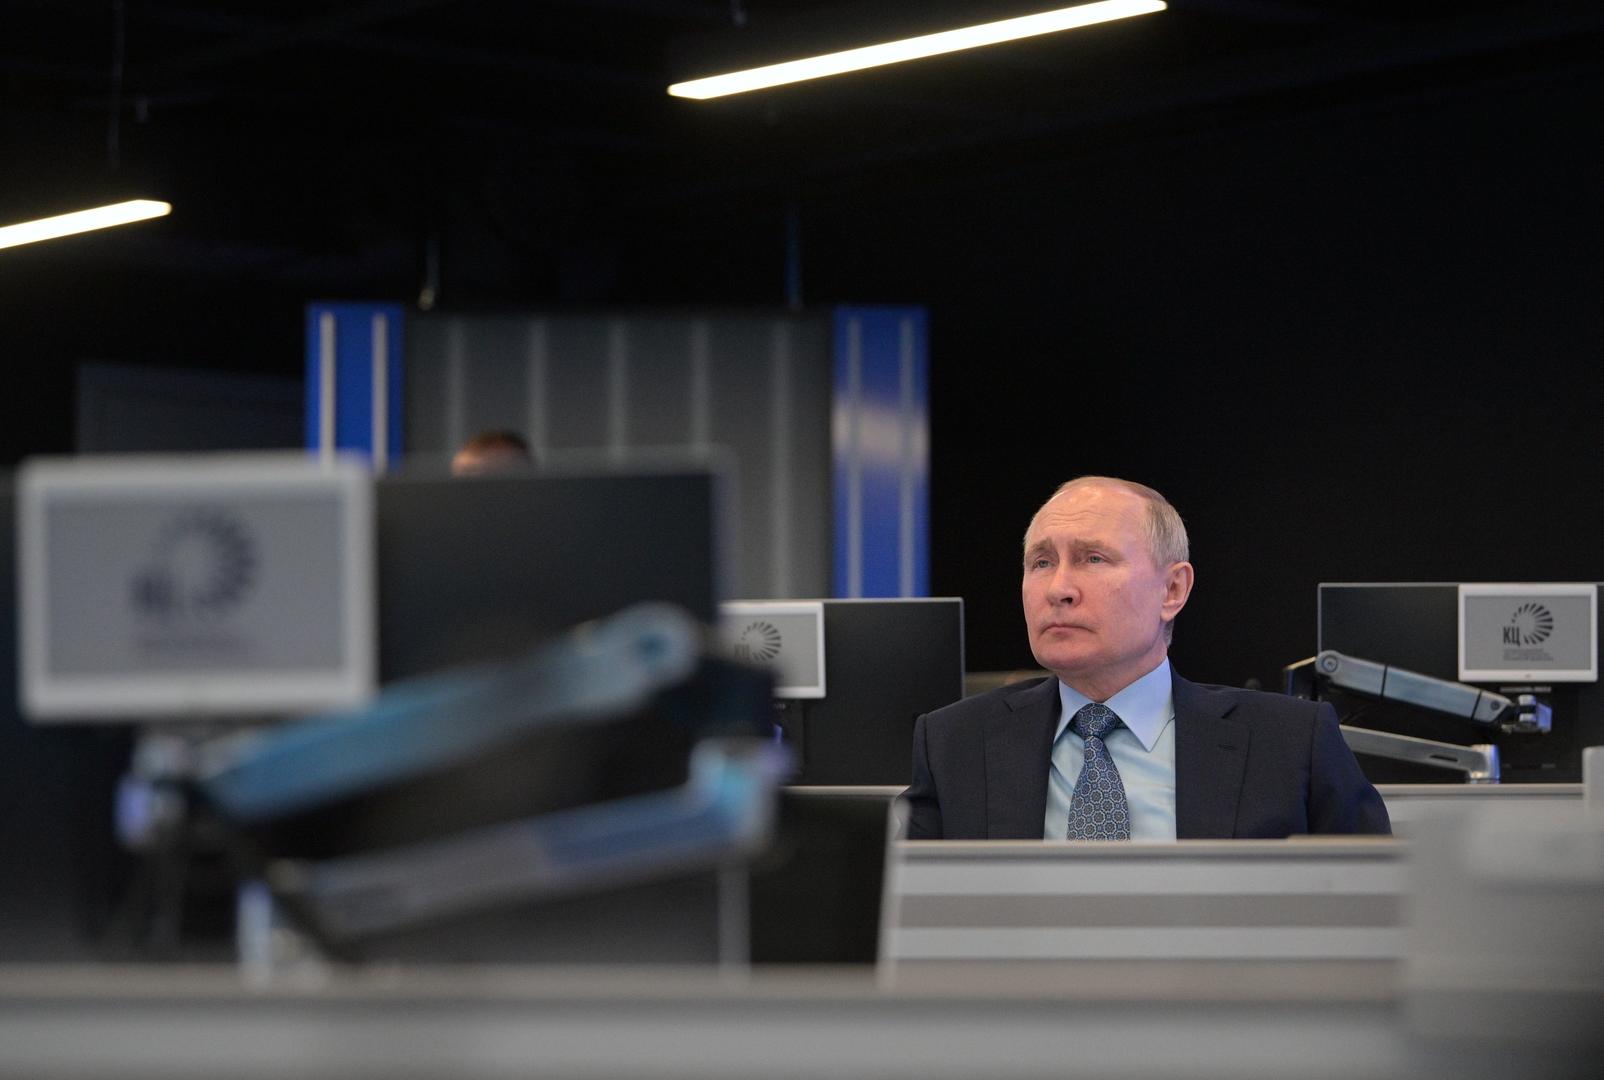 بوتين: روسيا تقوم ببناء أقوى أسطول لكاسحات الجليد في العالم